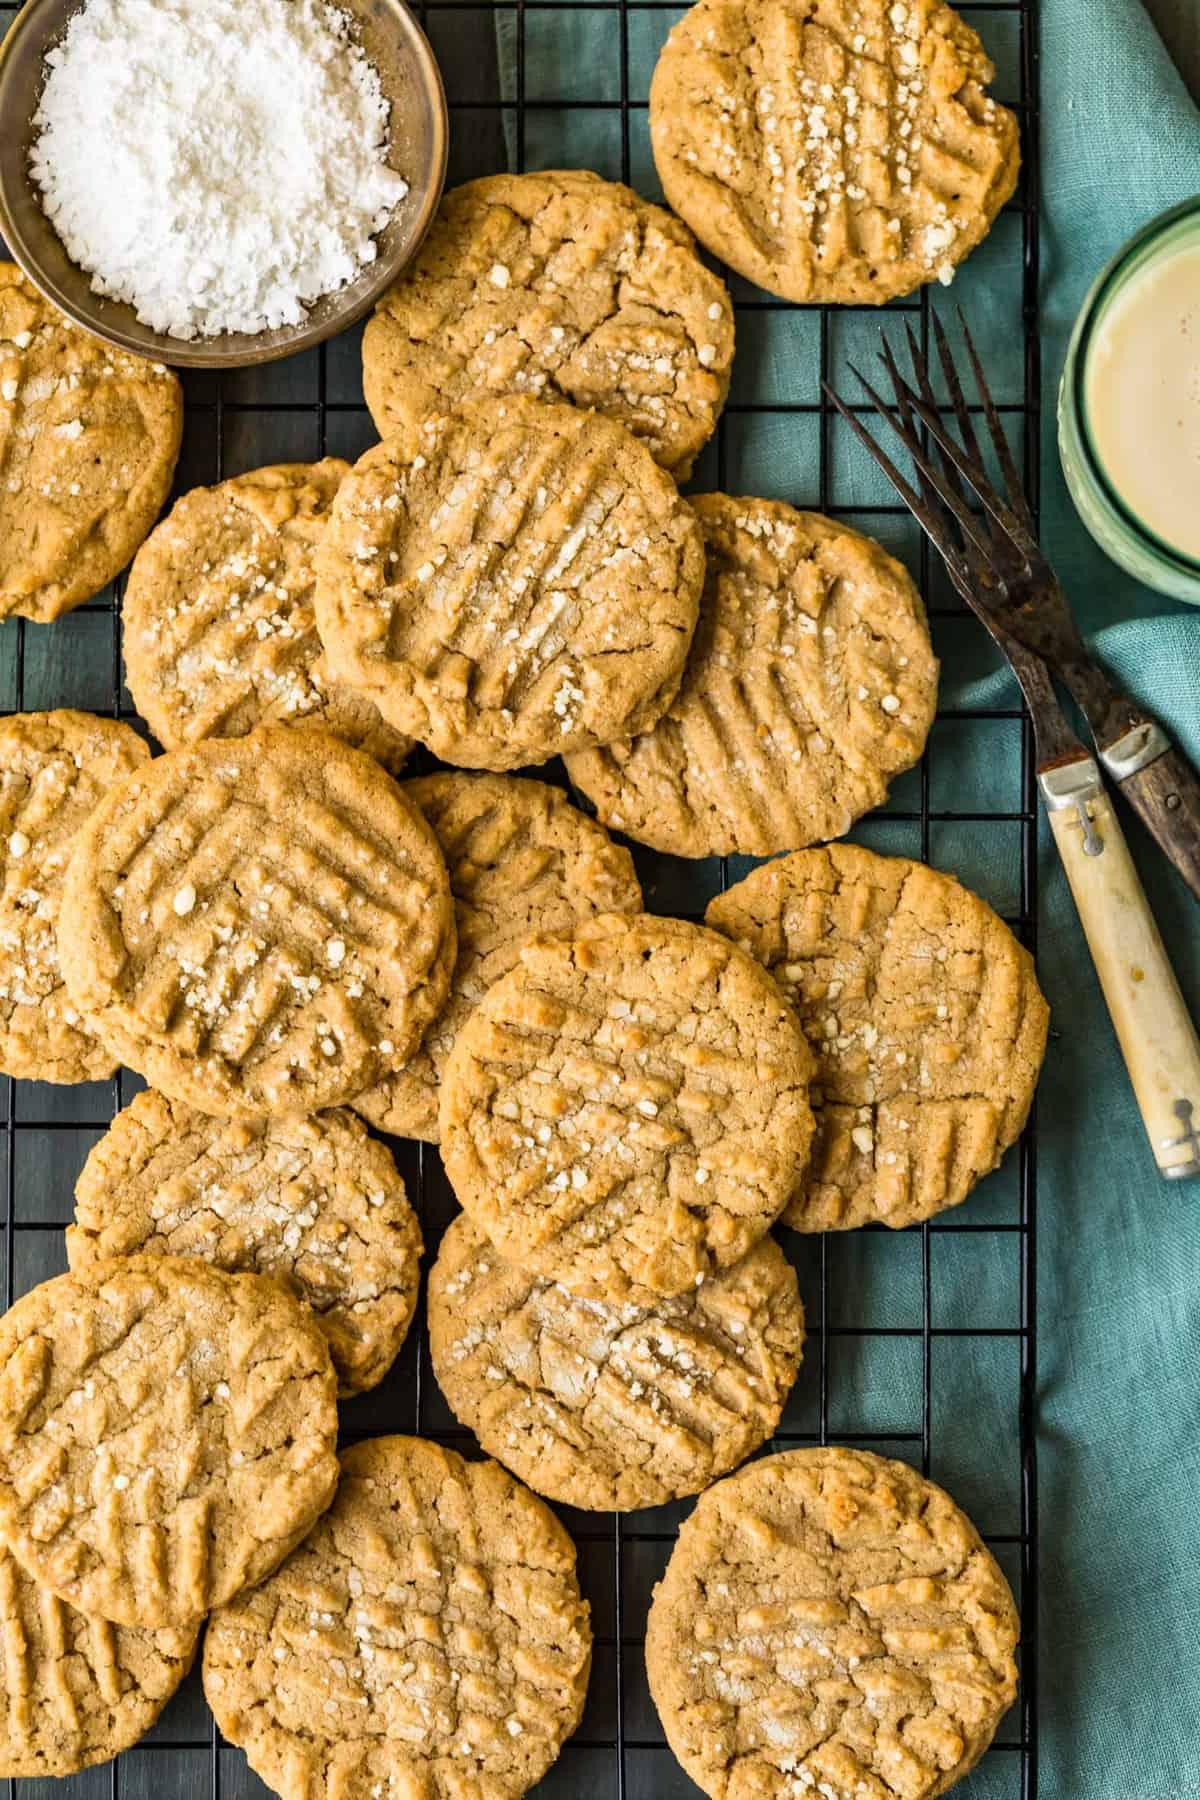 Top shot of cookies